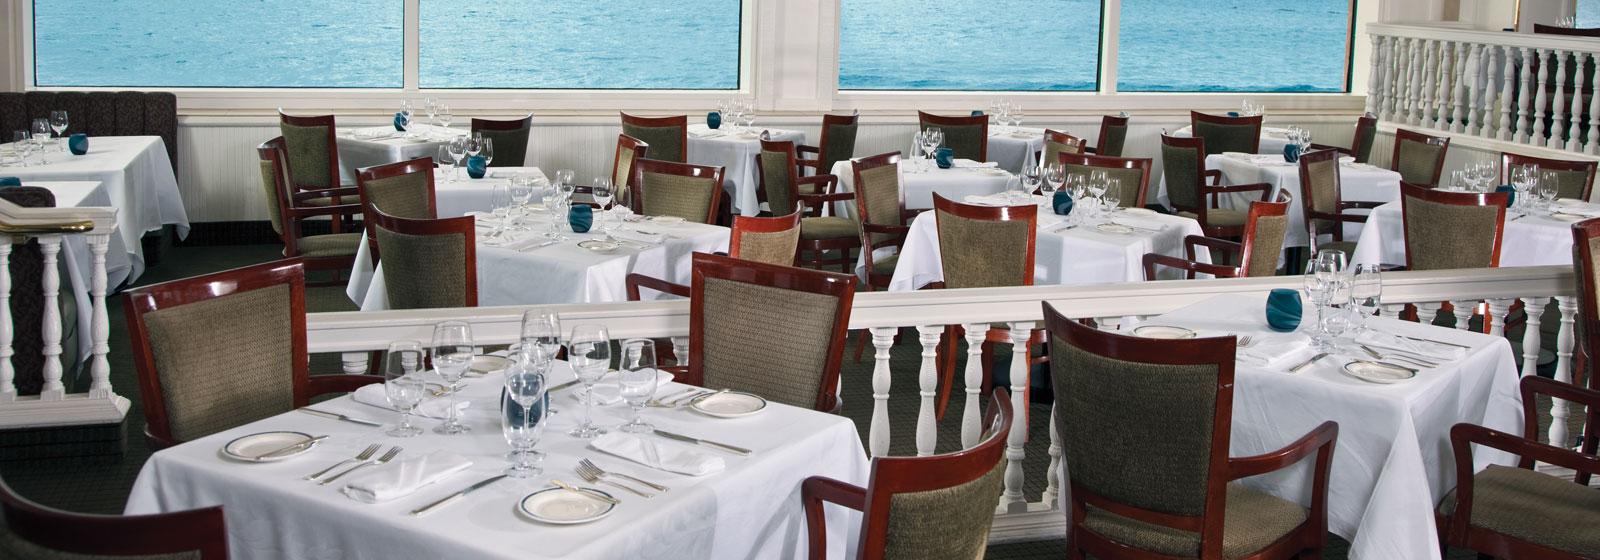 Career Of the Marine Room Restaurant In La Jolla top